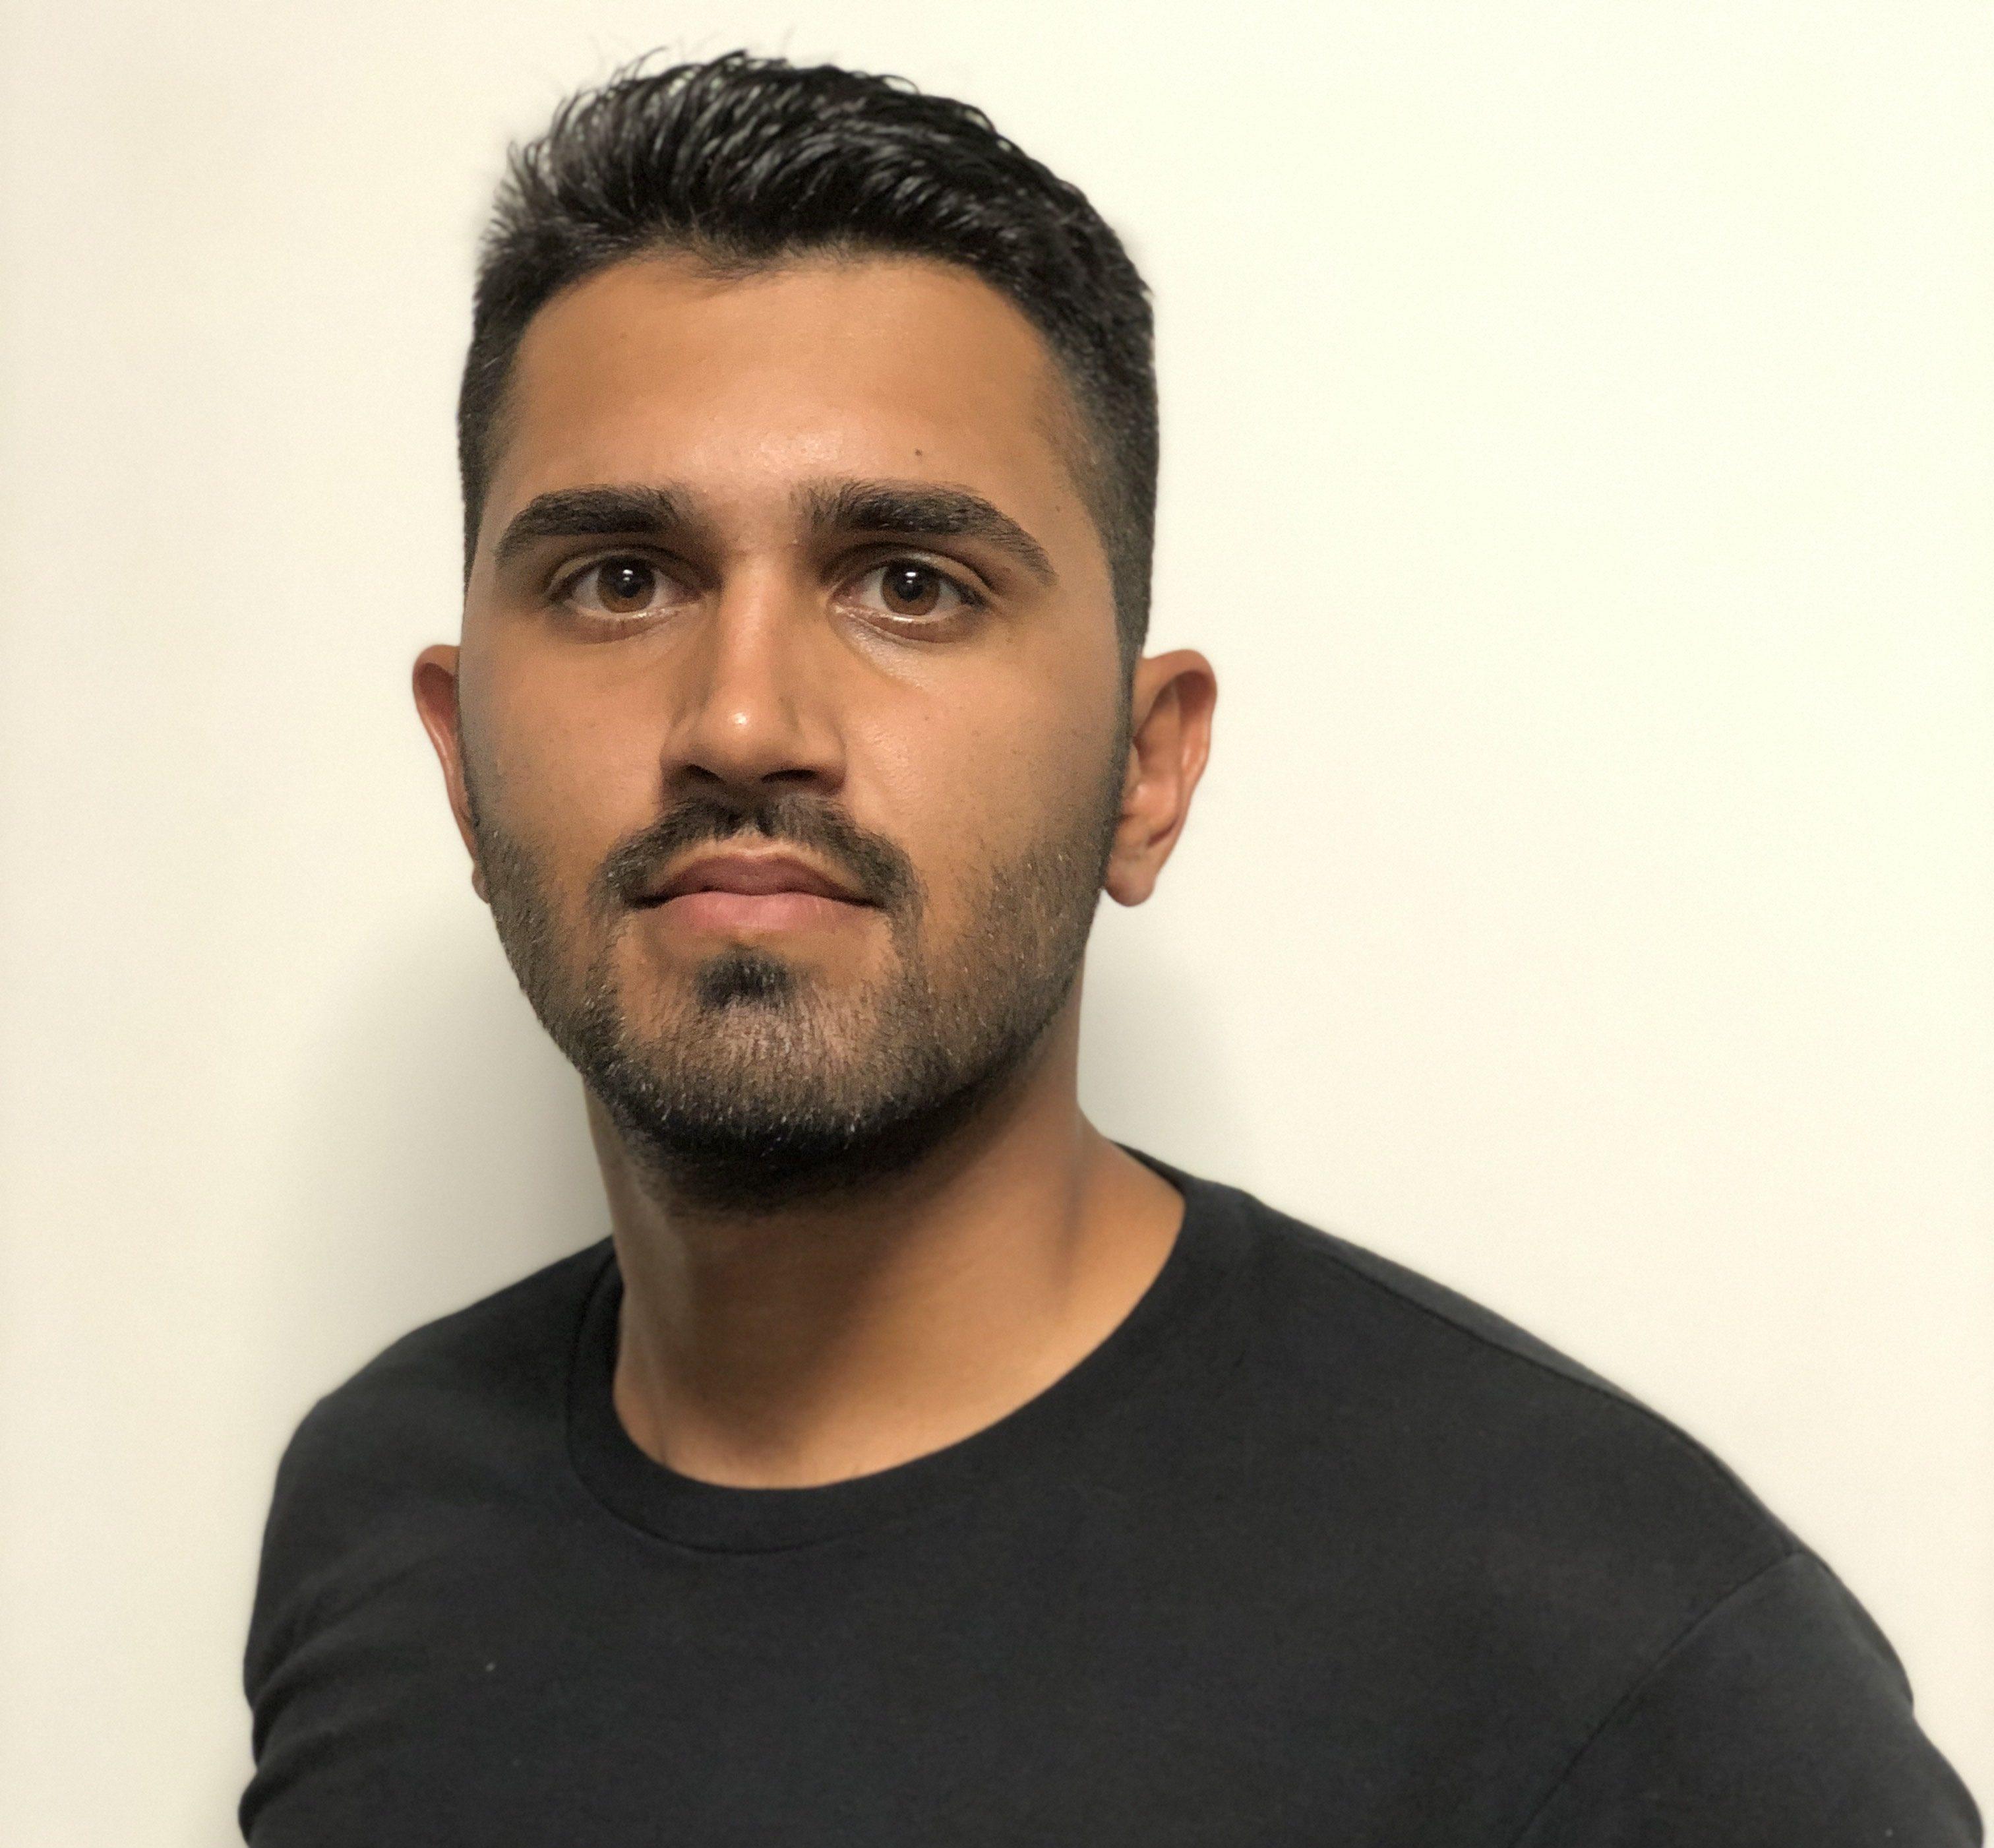 Jasvir Rakkar